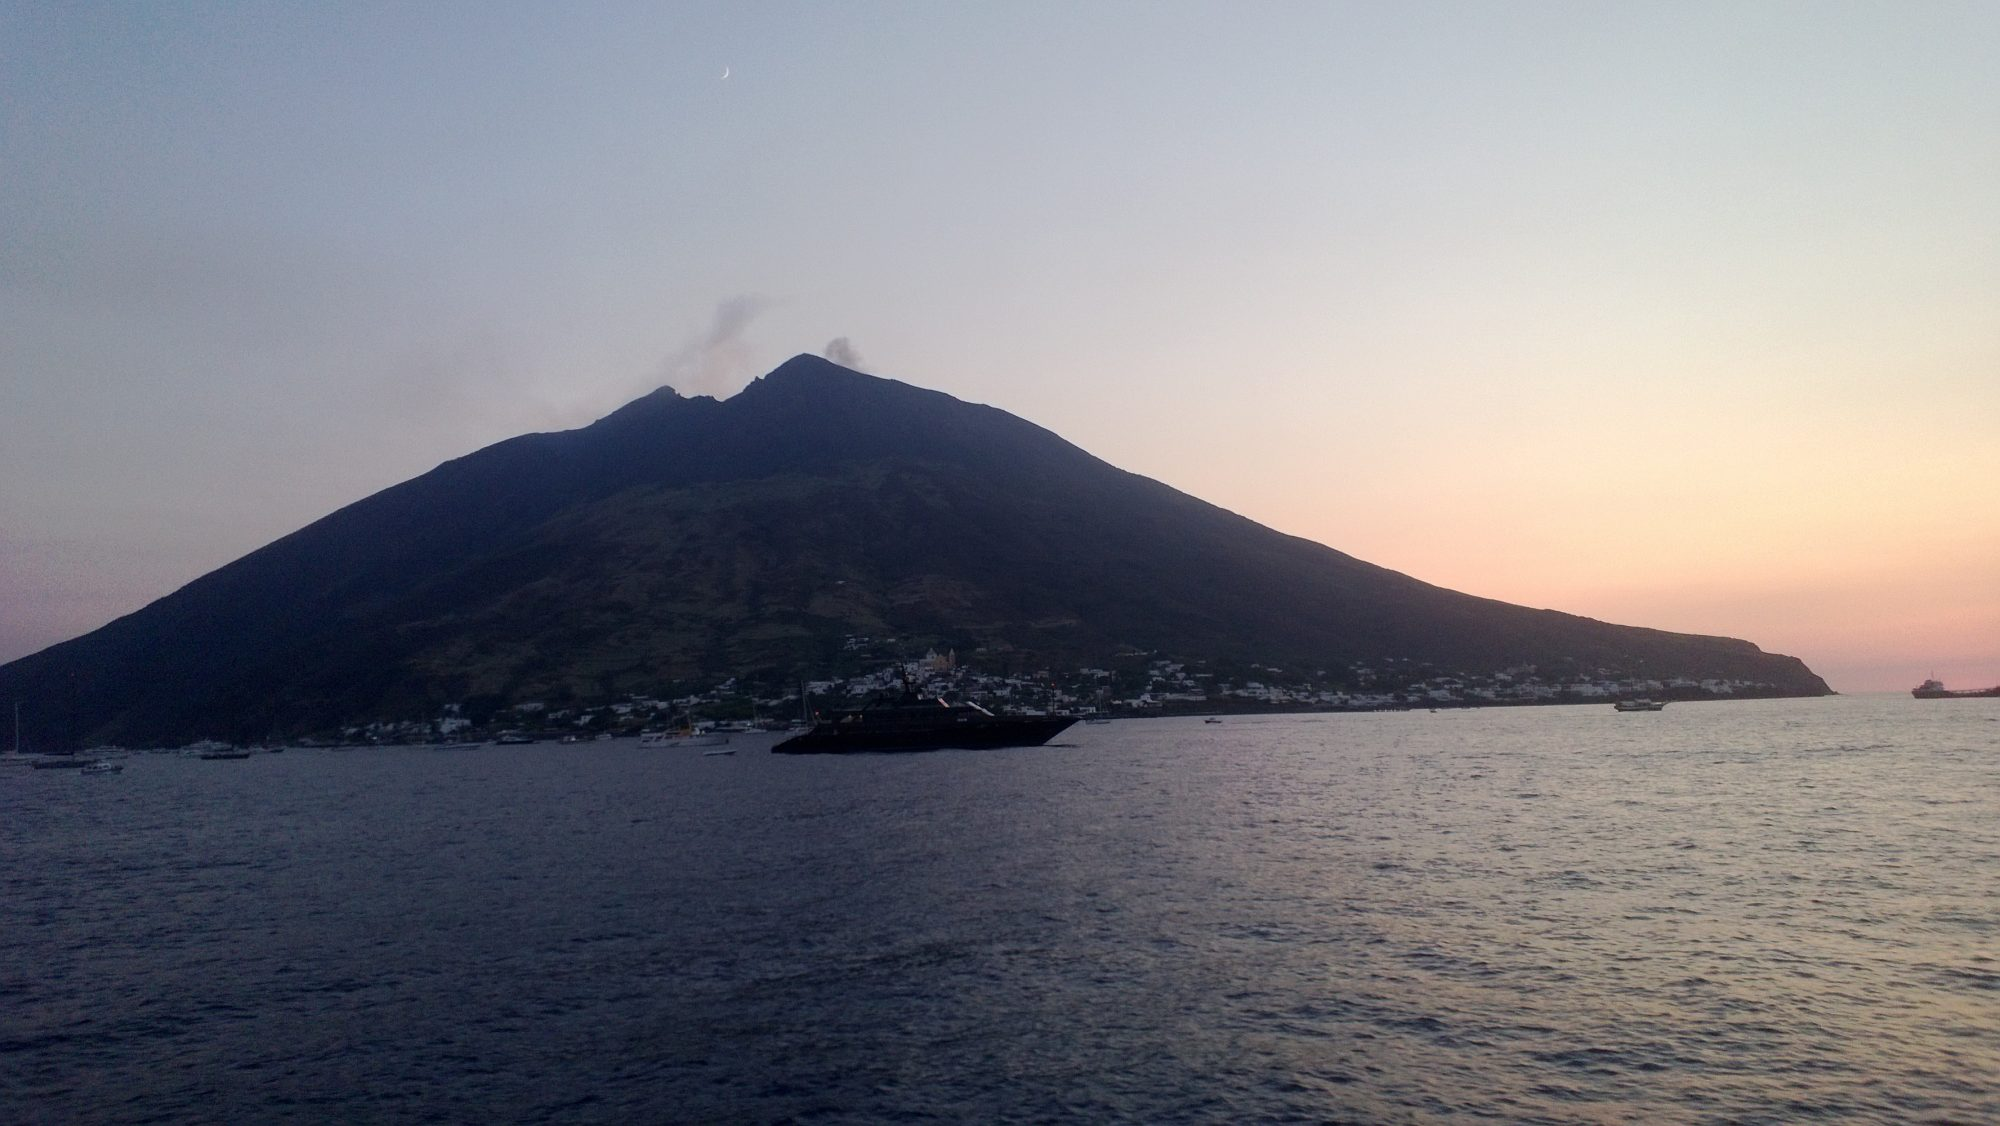 Allerta gialla per il vulcano Stromboli